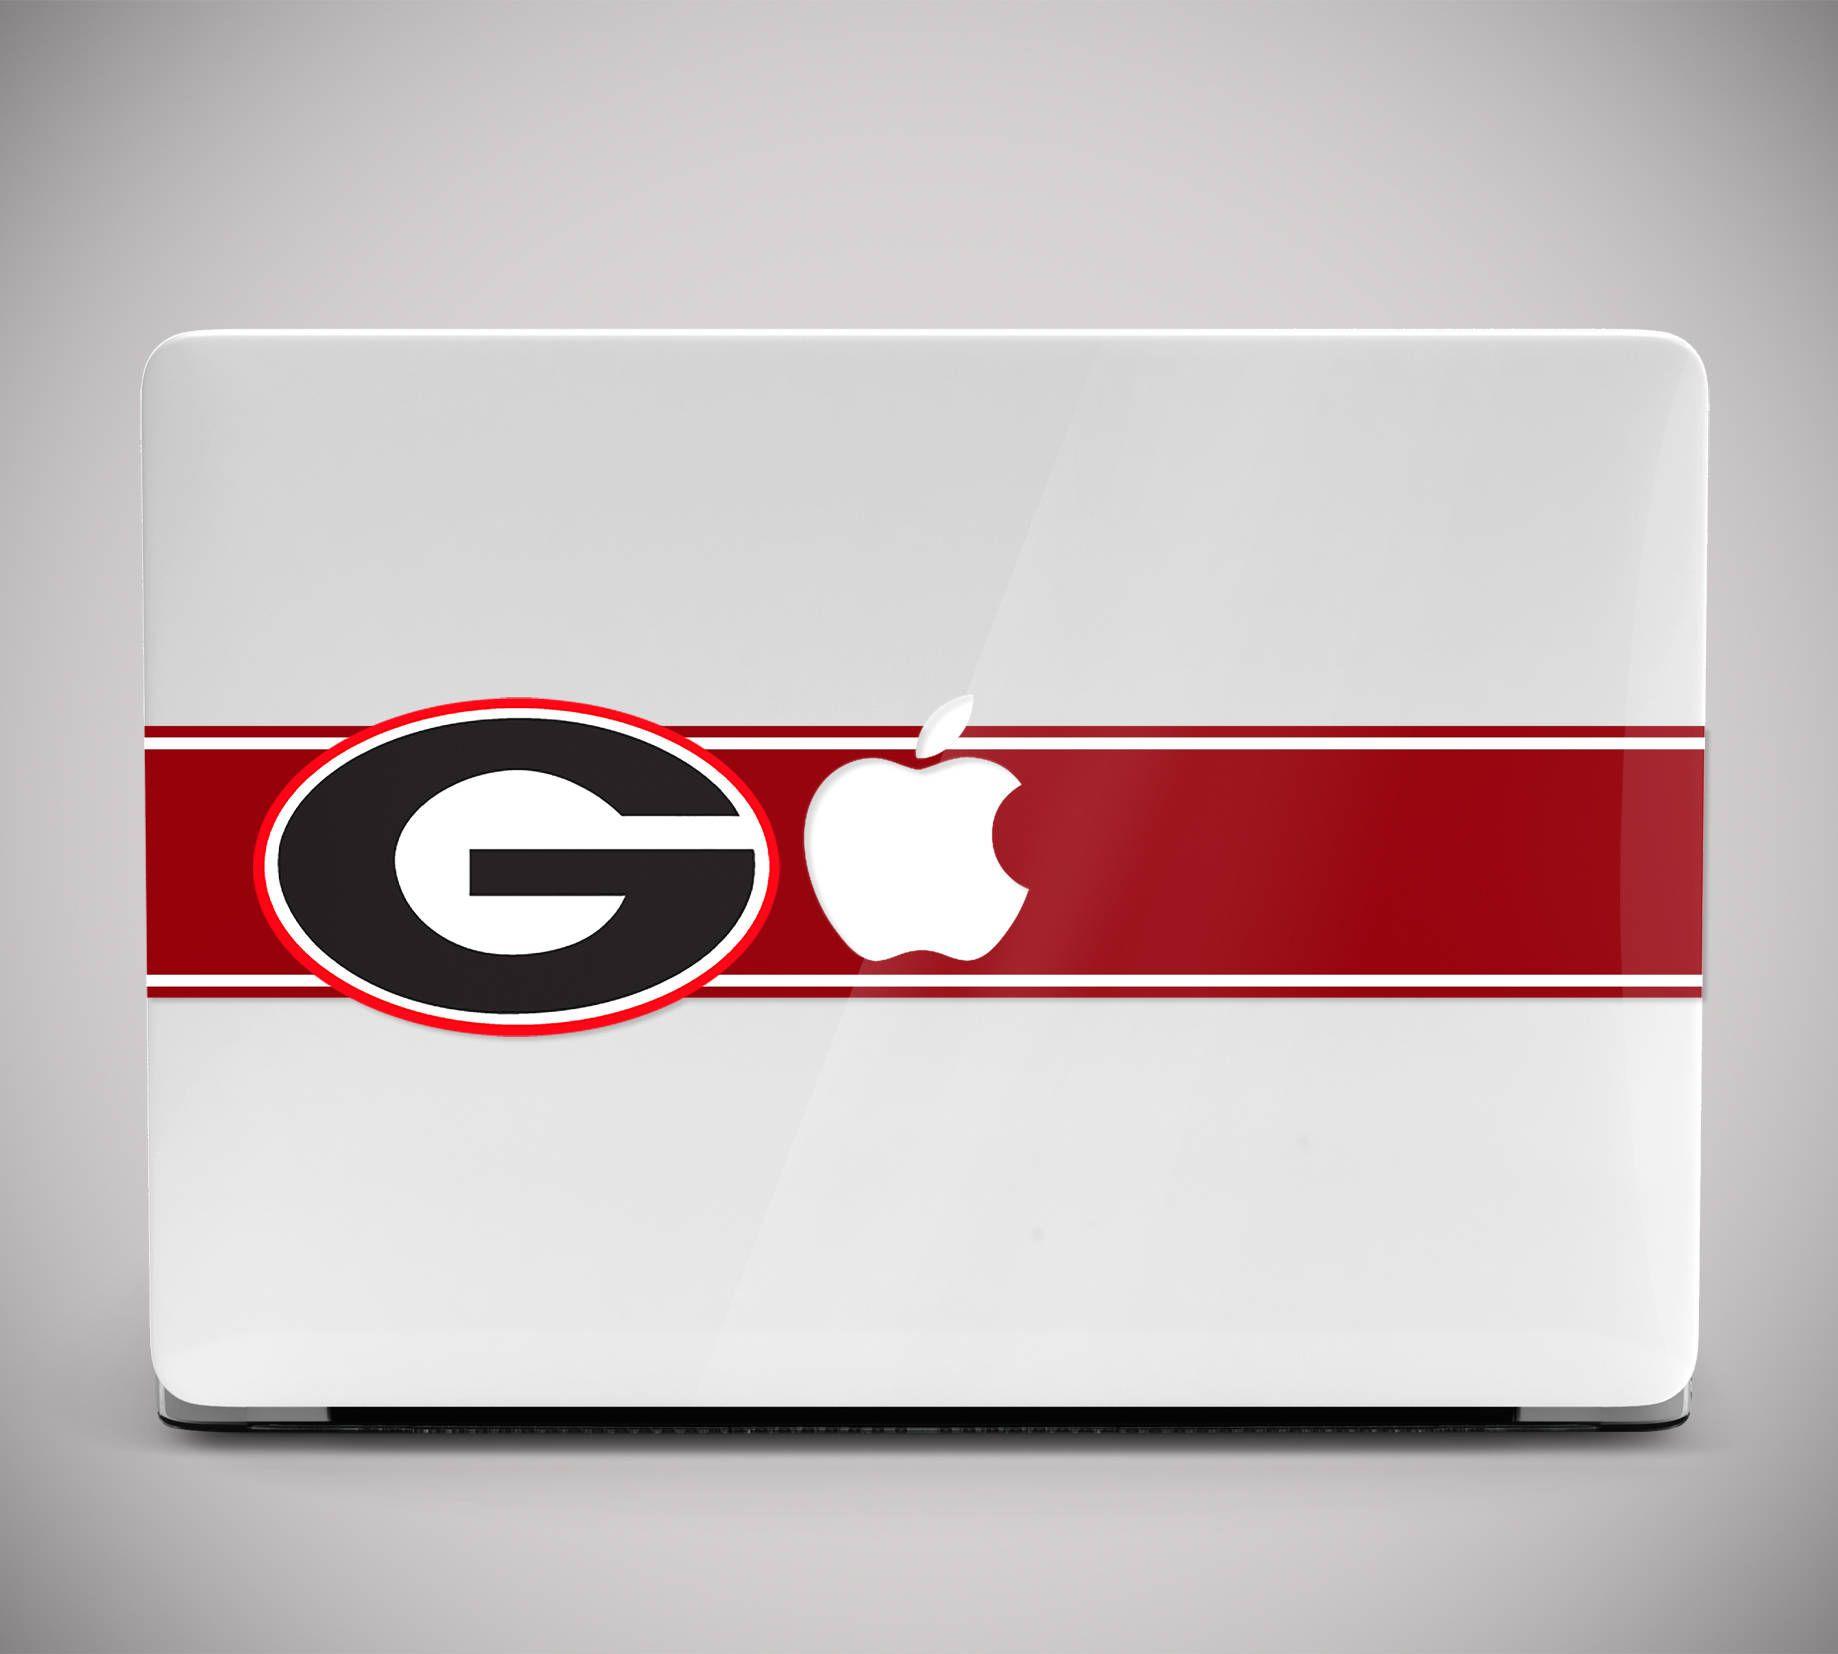 Macbook pro christmas gift